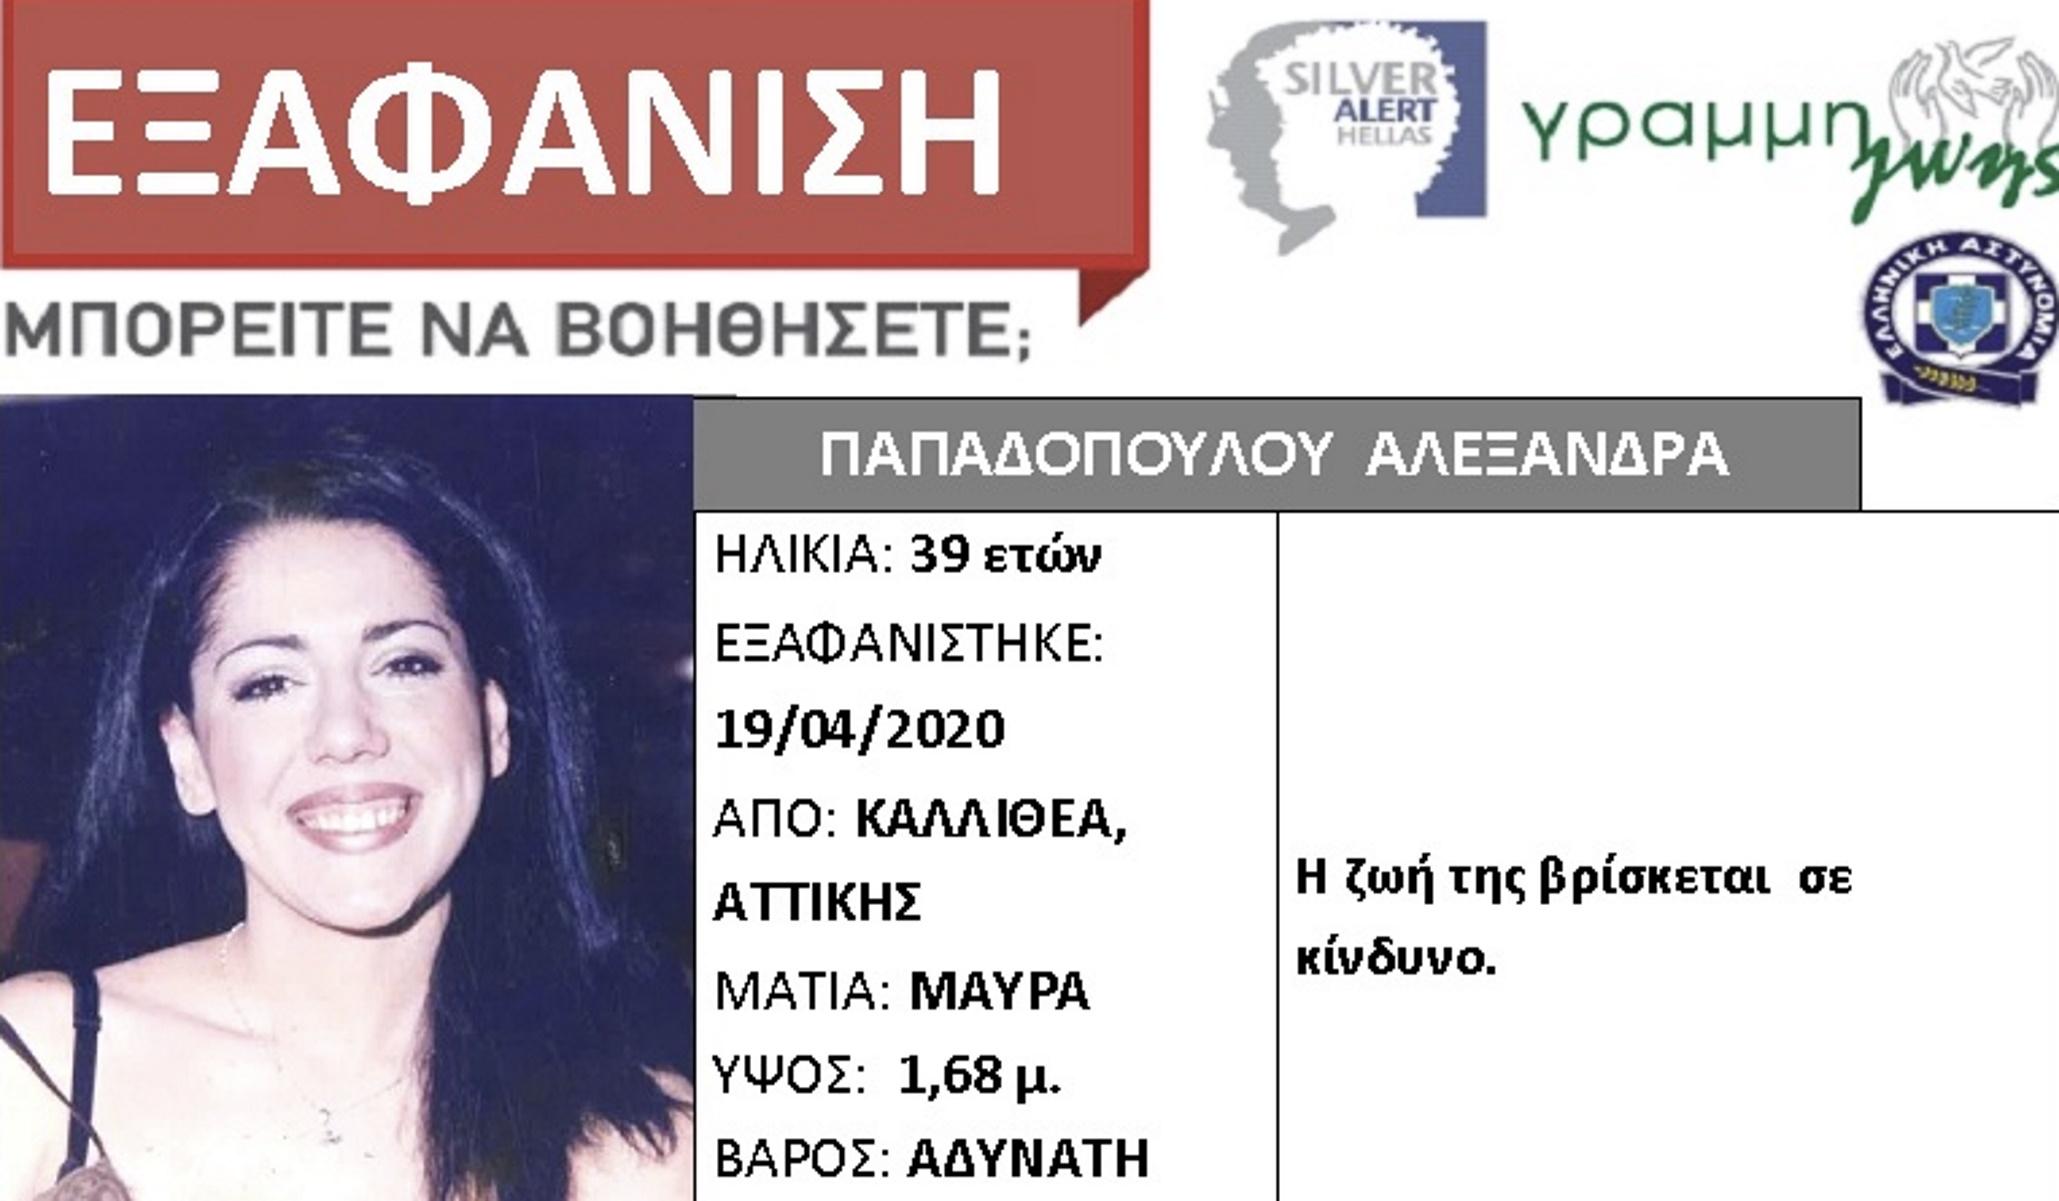 exafanisi Kallithea Alexandra Papadopoulou GrammiZois 06 02 2021 1